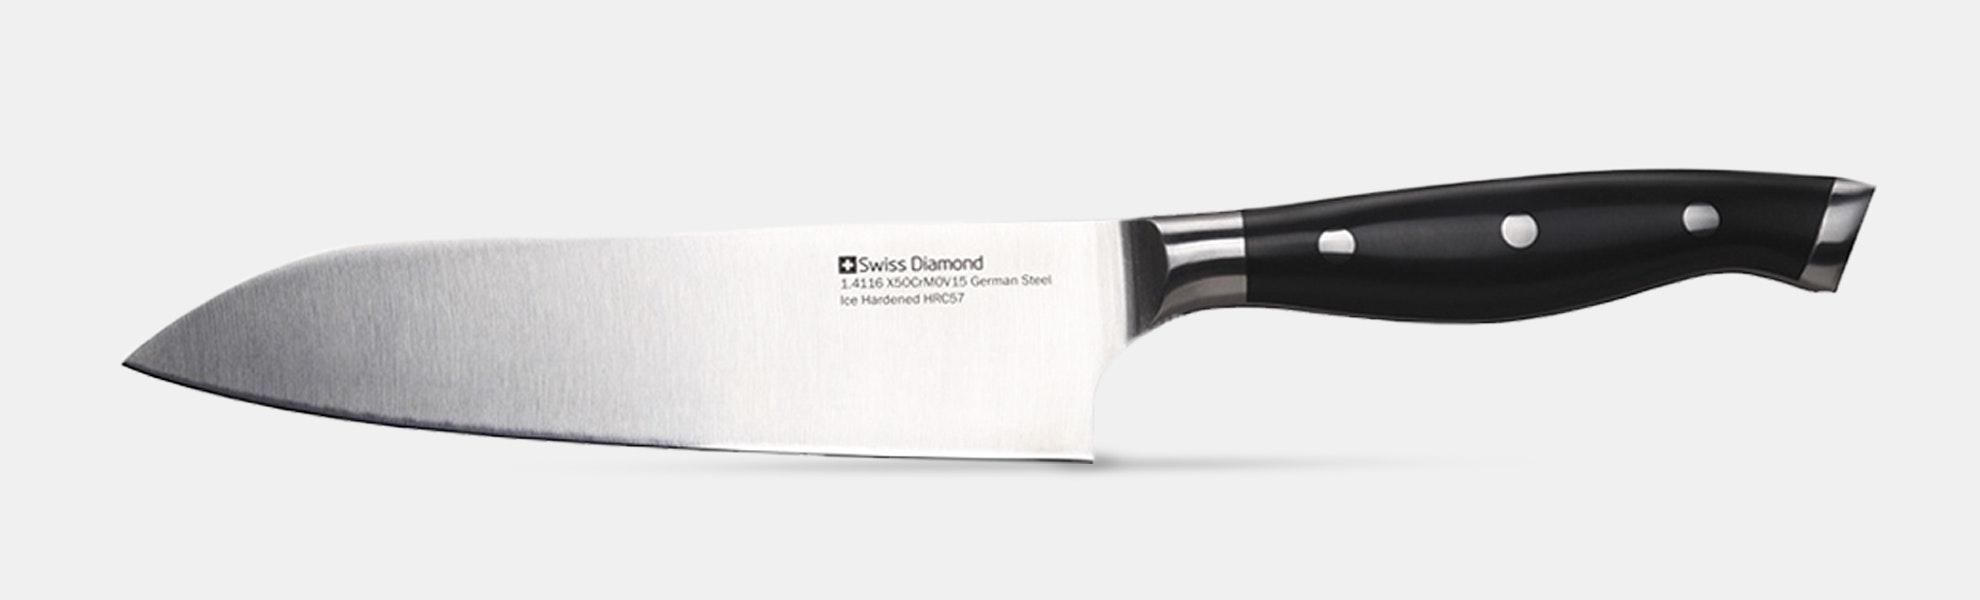 Swiss Diamond Kitchen Knives